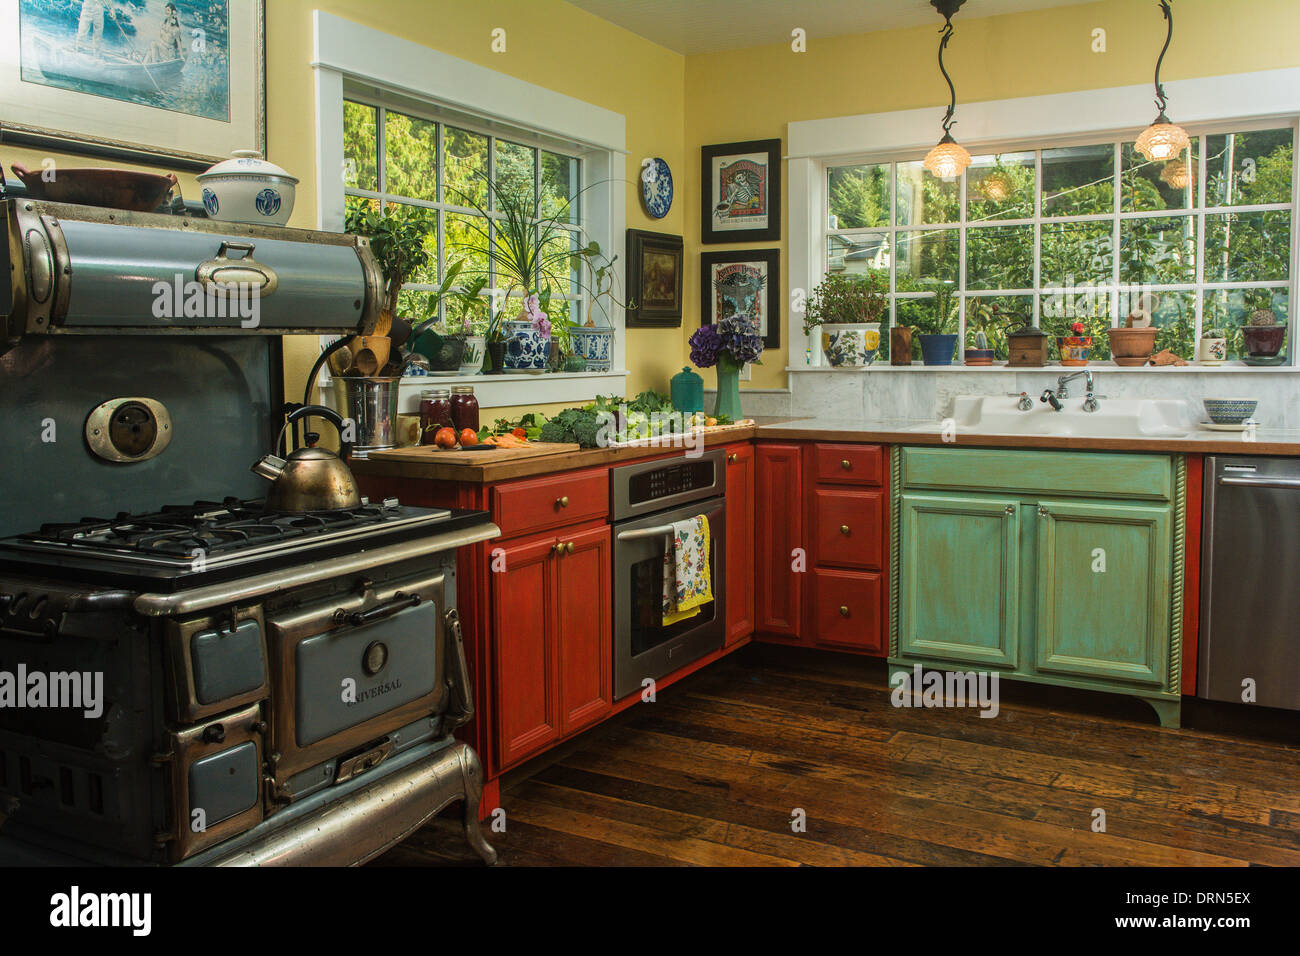 Photo of a kitchen, Astoria, Oregon, USA - Stock Image